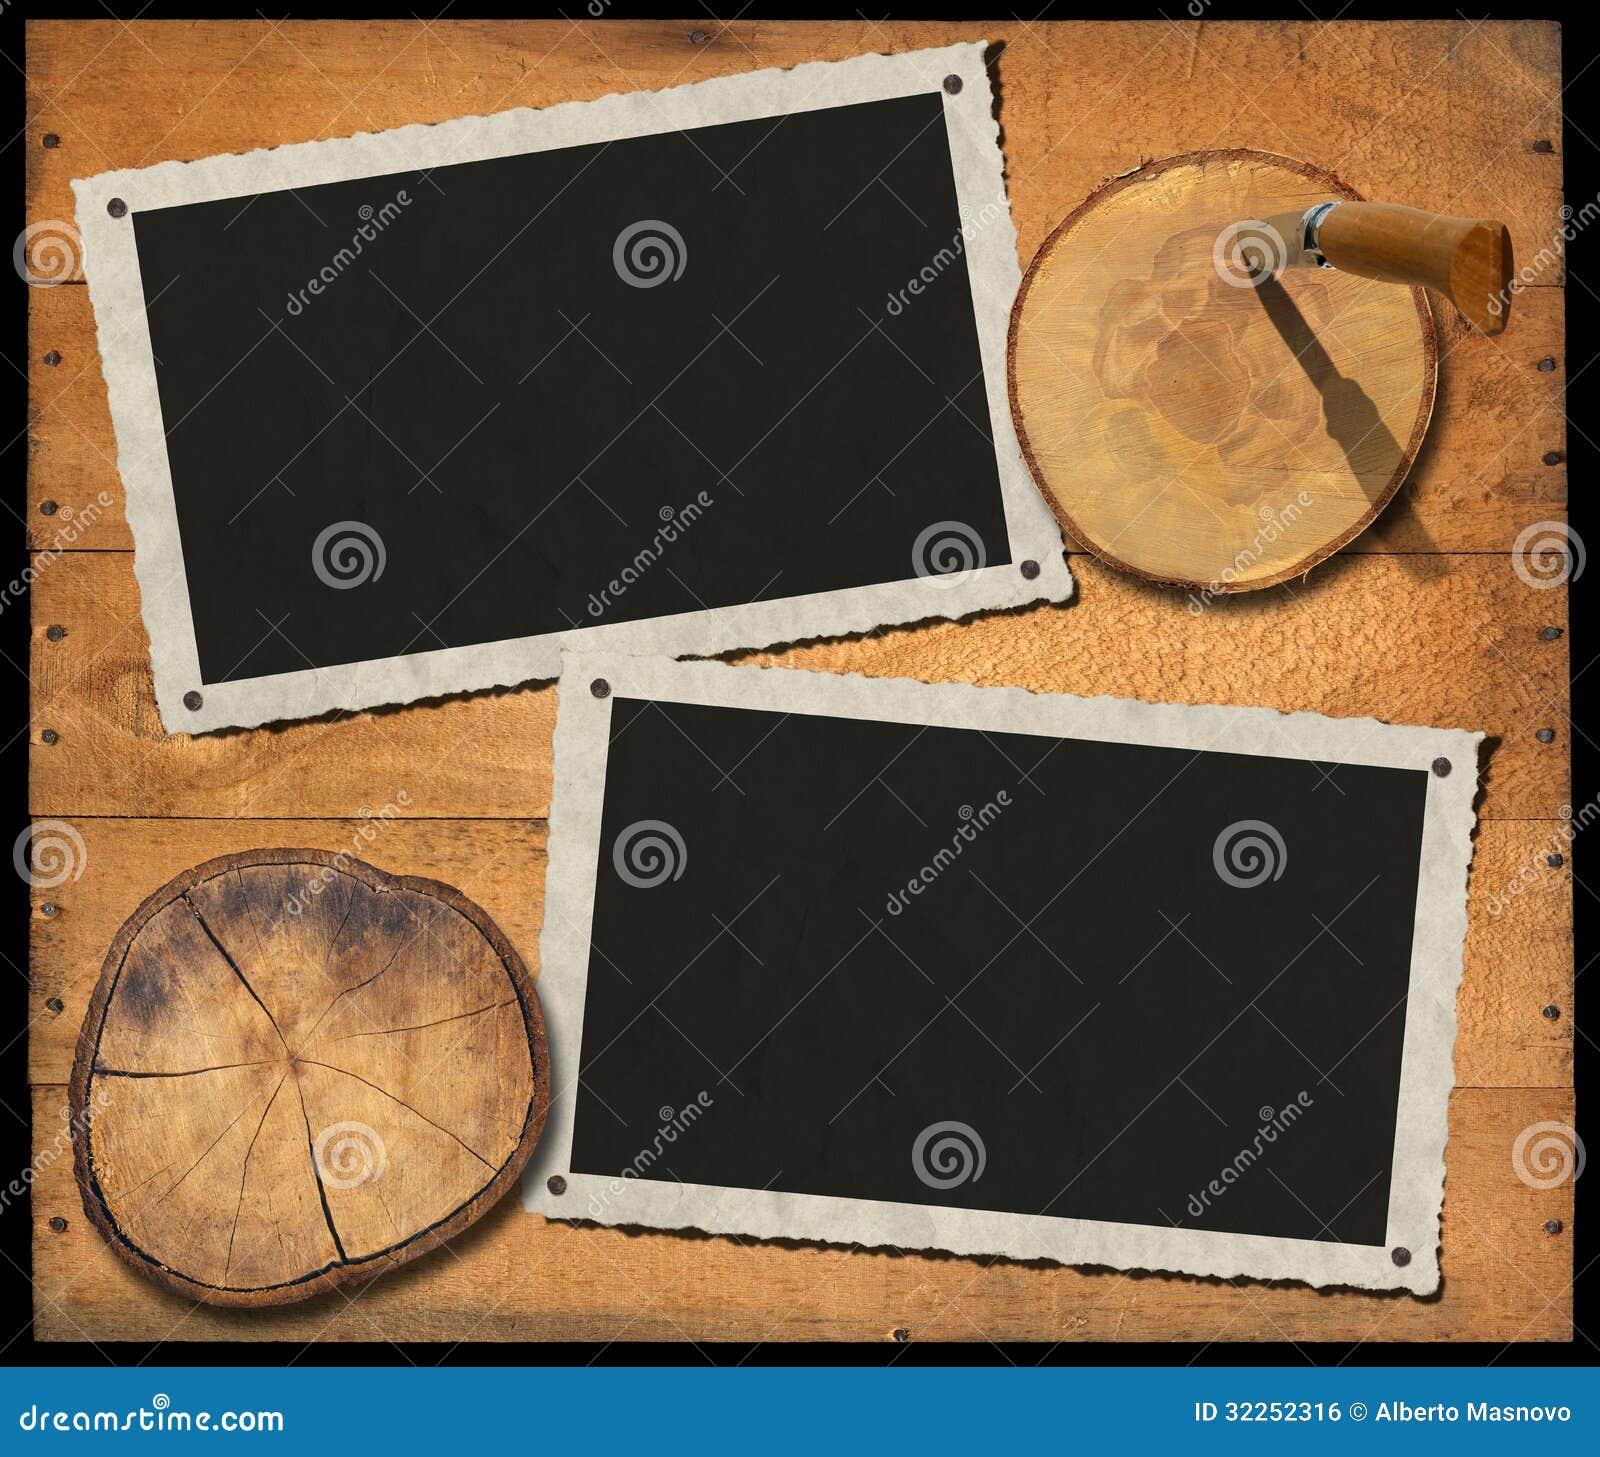 Zwei Weinlese-Foto-Rahmen auf hölzerner Wand